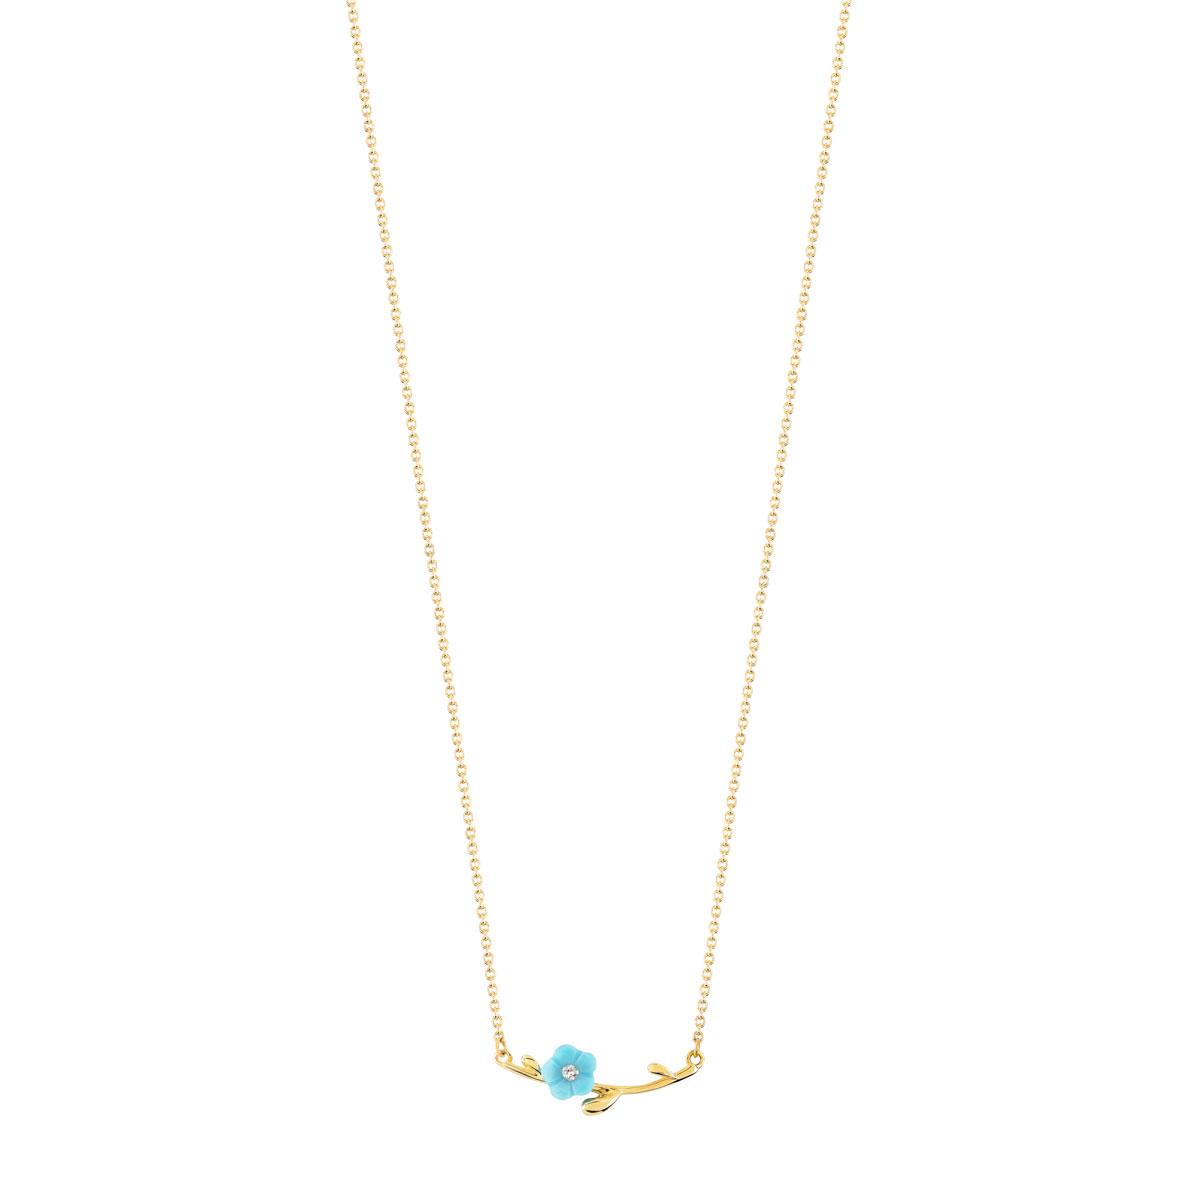 1c999851c9593 Collier or 375 jaune turquoise et diamant - Femme - Collier   MATY